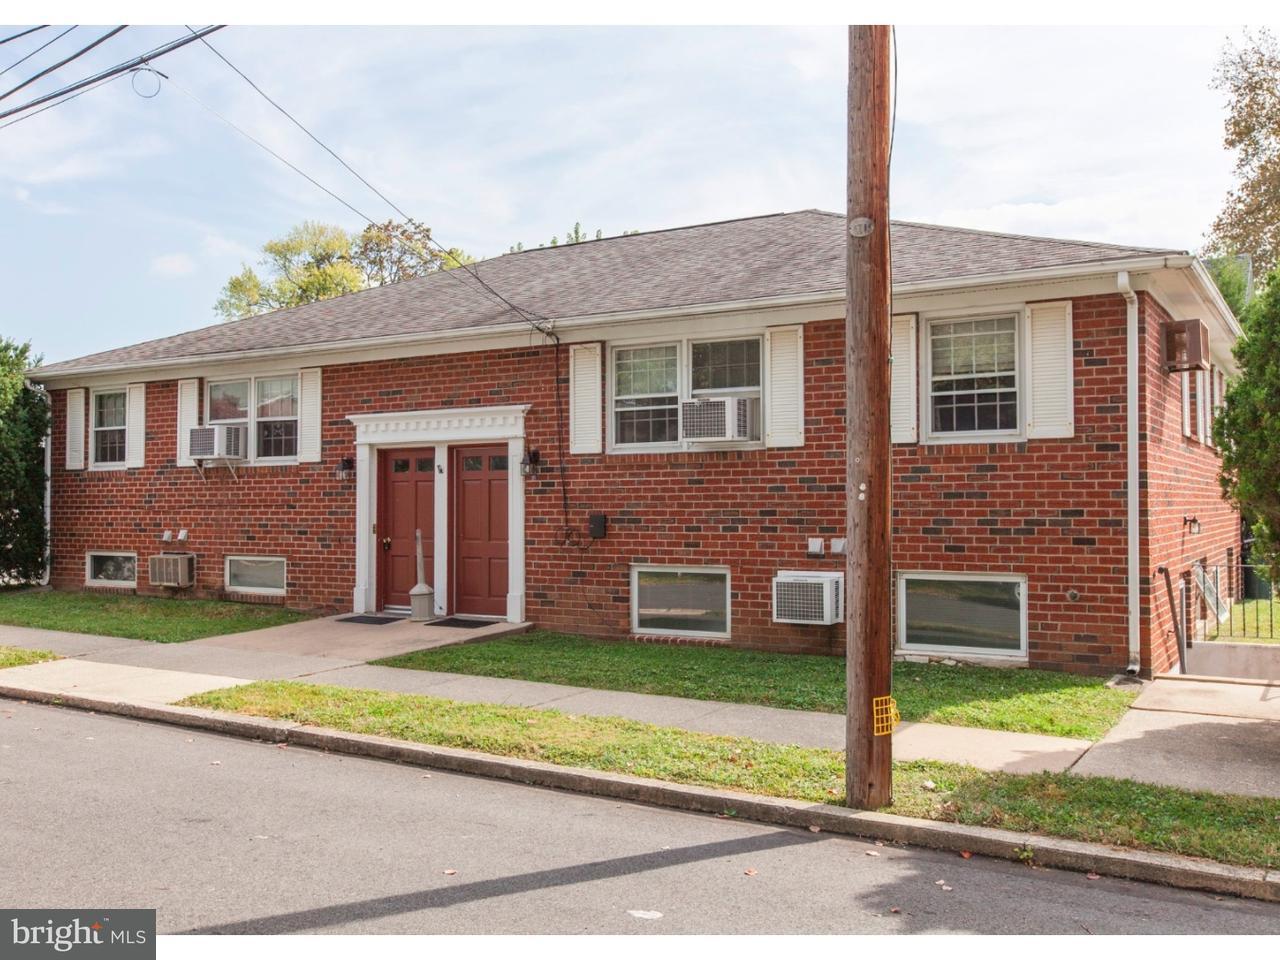 Quadraplex for Sale at 2519 CLAYTON ST #A-B Boothwyn, Pennsylvania 19061 United States